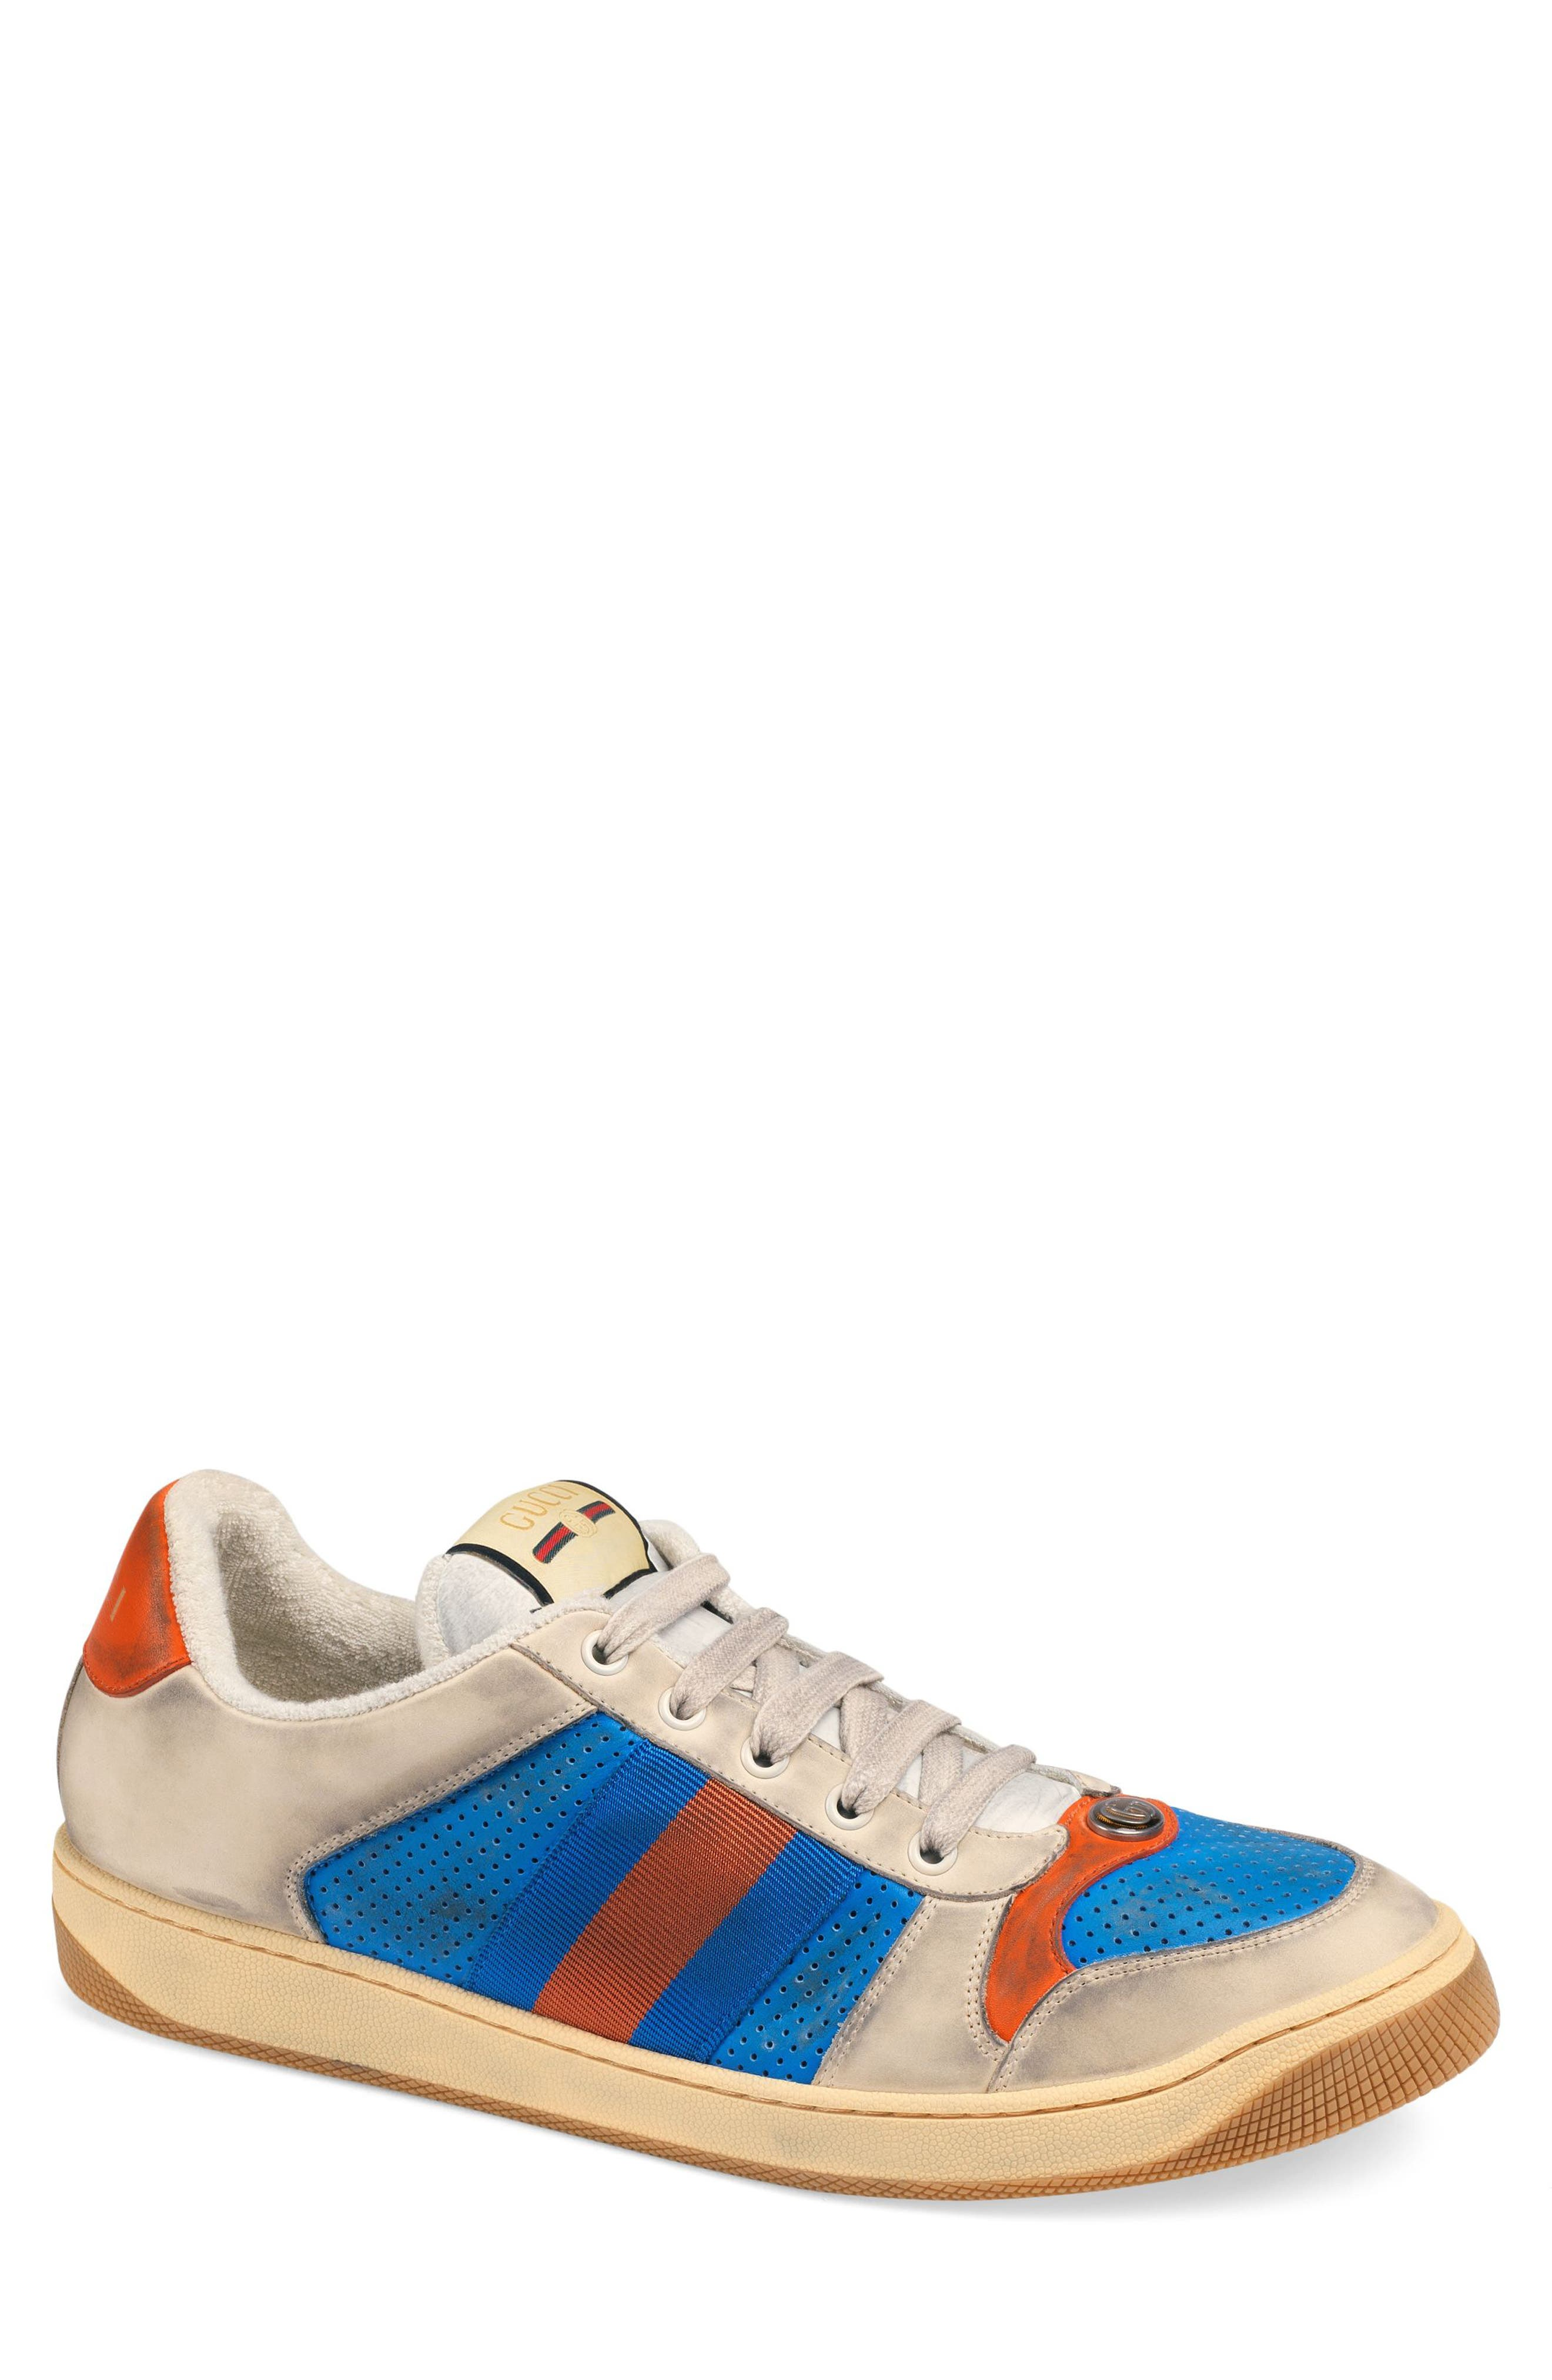 GUCCI Screener Low Top Sneaker, Main, color, BLUE/ CAMEL